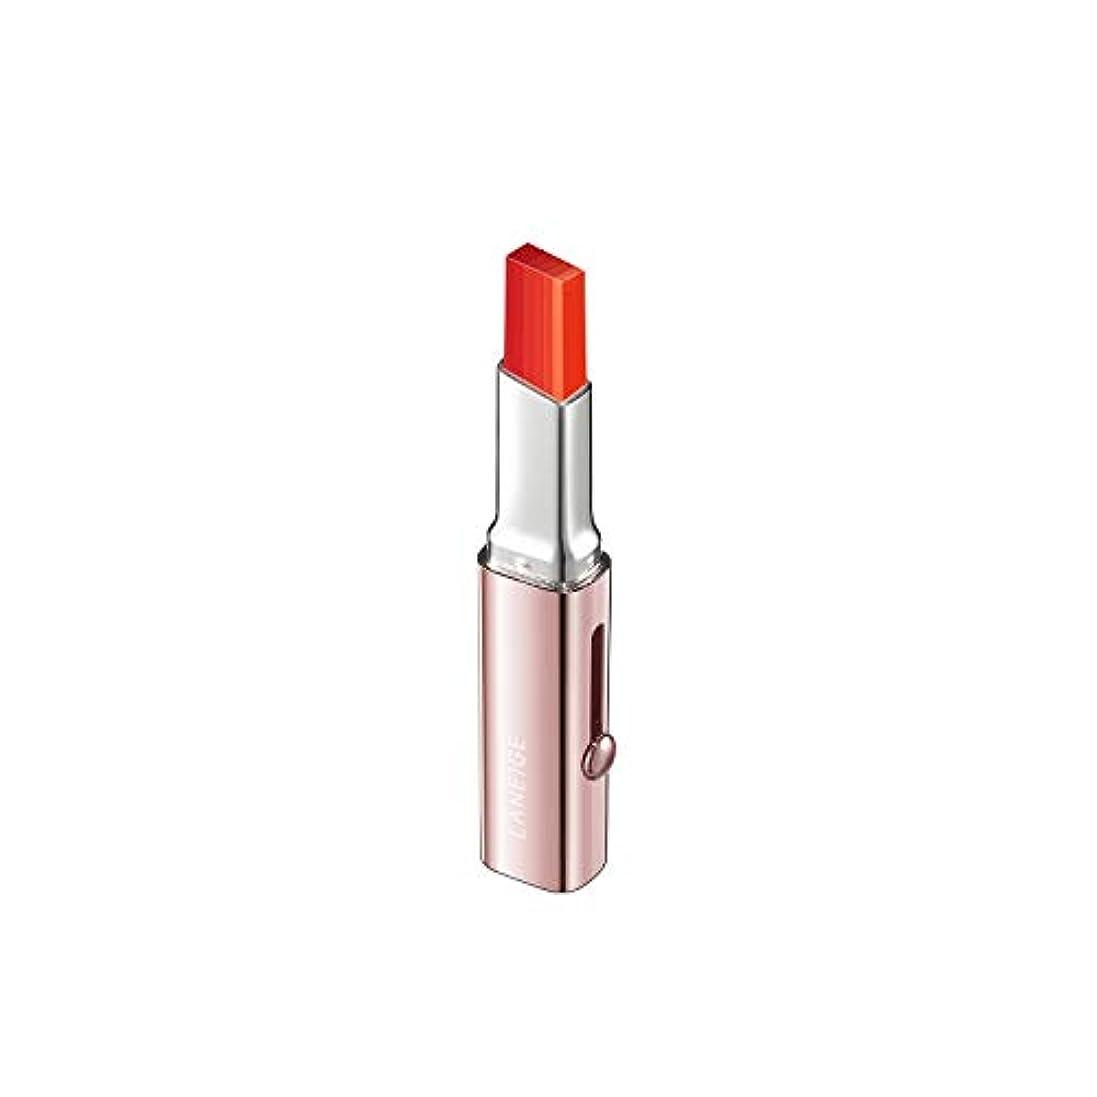 ライオンかんたんローブ【ラネージュ】階層リップバー(1.9G)/ Layering Lip Bar-6つのカラーでのグラデーションカラー演出 (#3 GELLRUSH RED)